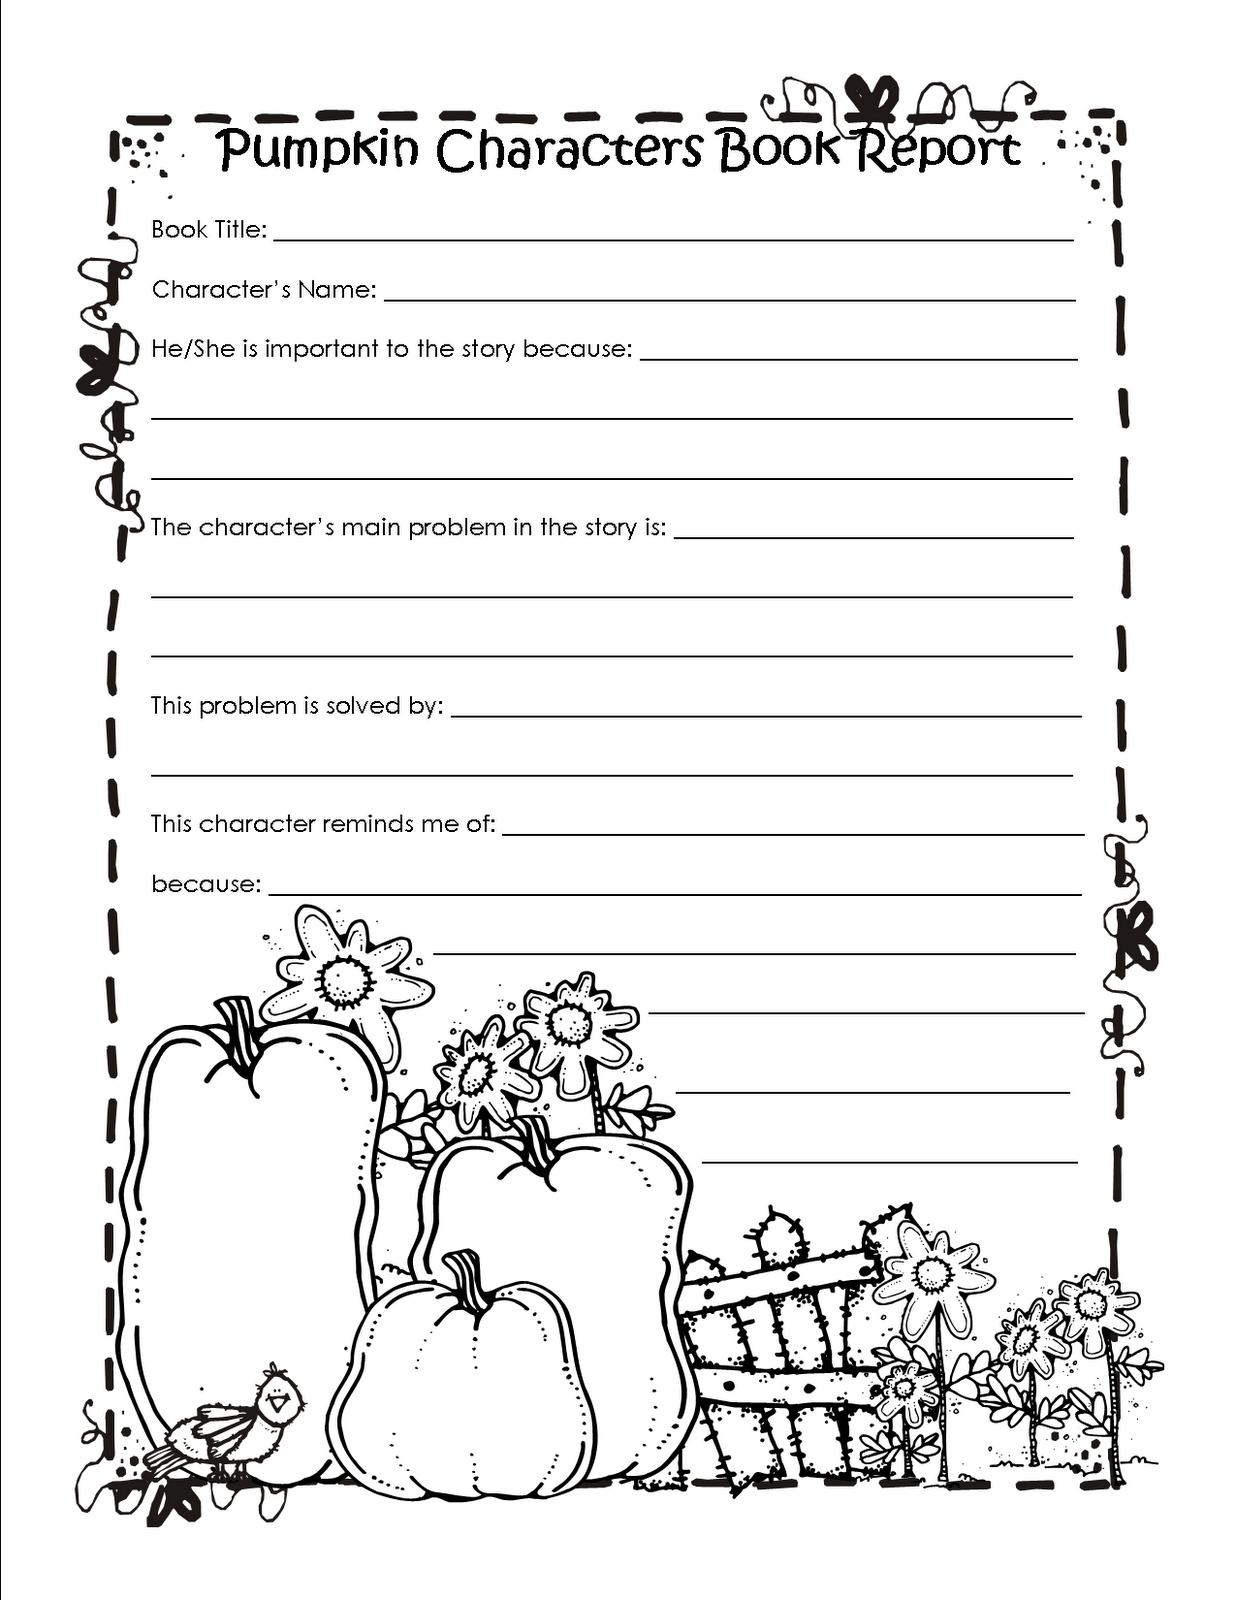 Smarter Balanced Teacher Pumpkin Book Reports